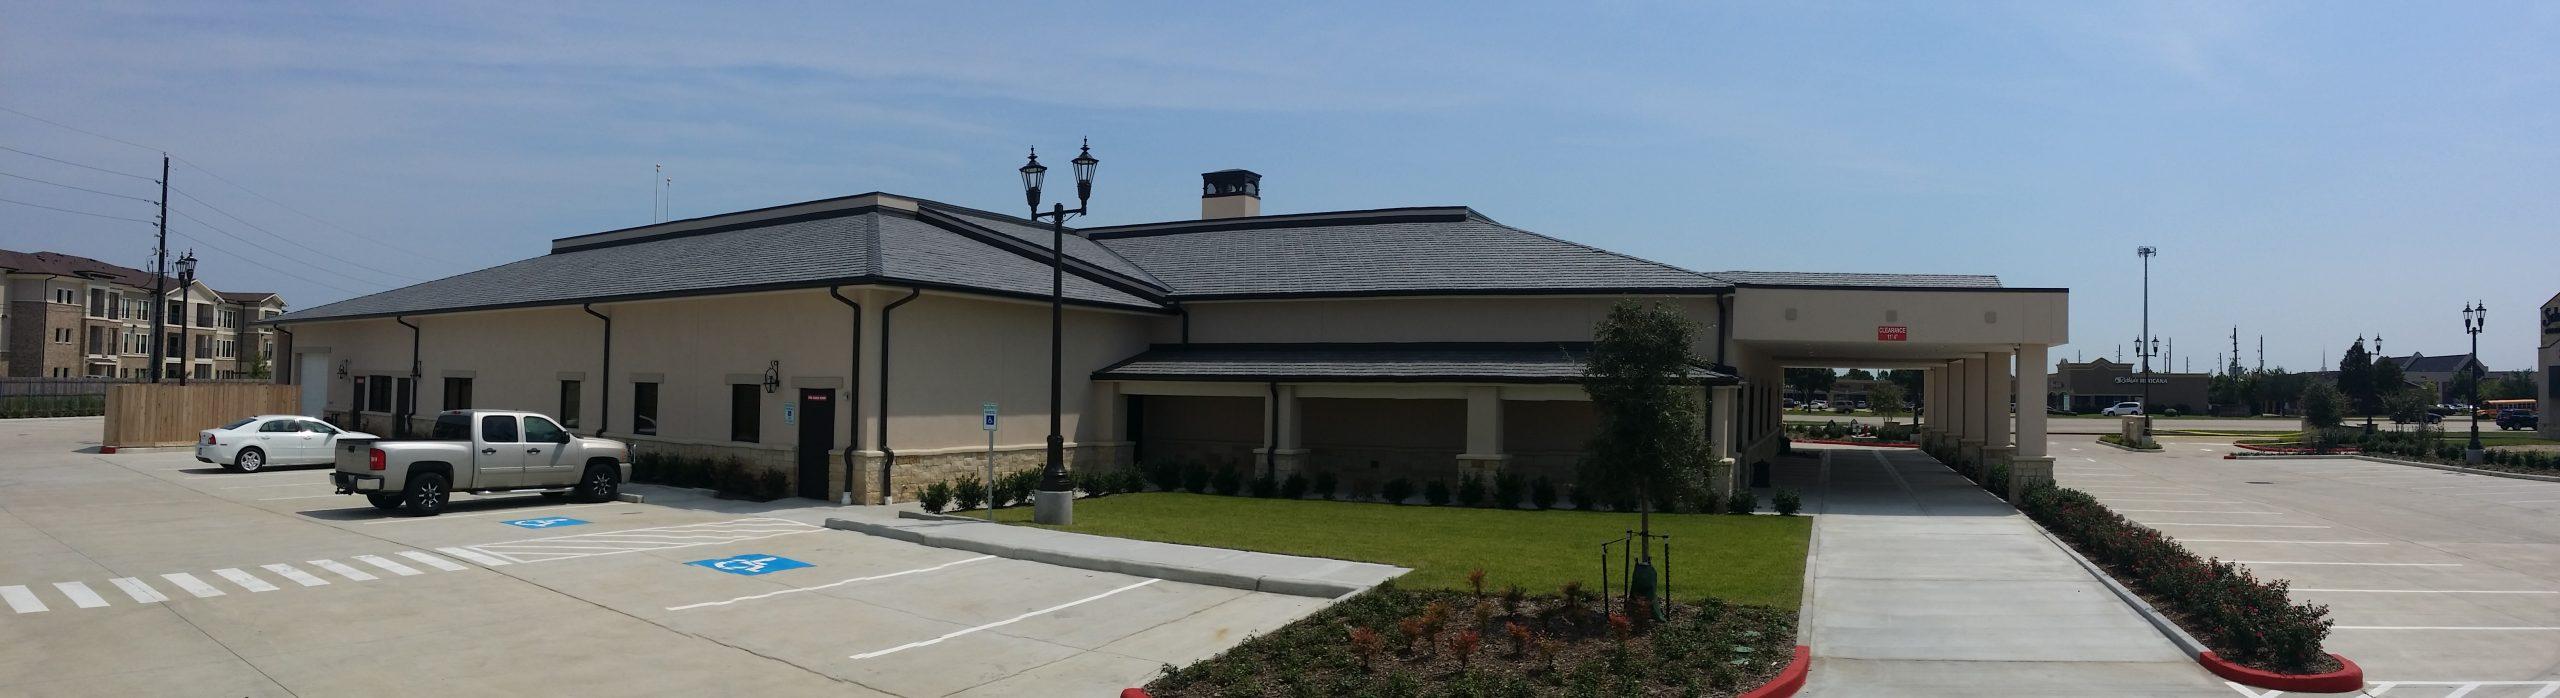 Roof Repair Sugar Land Tx